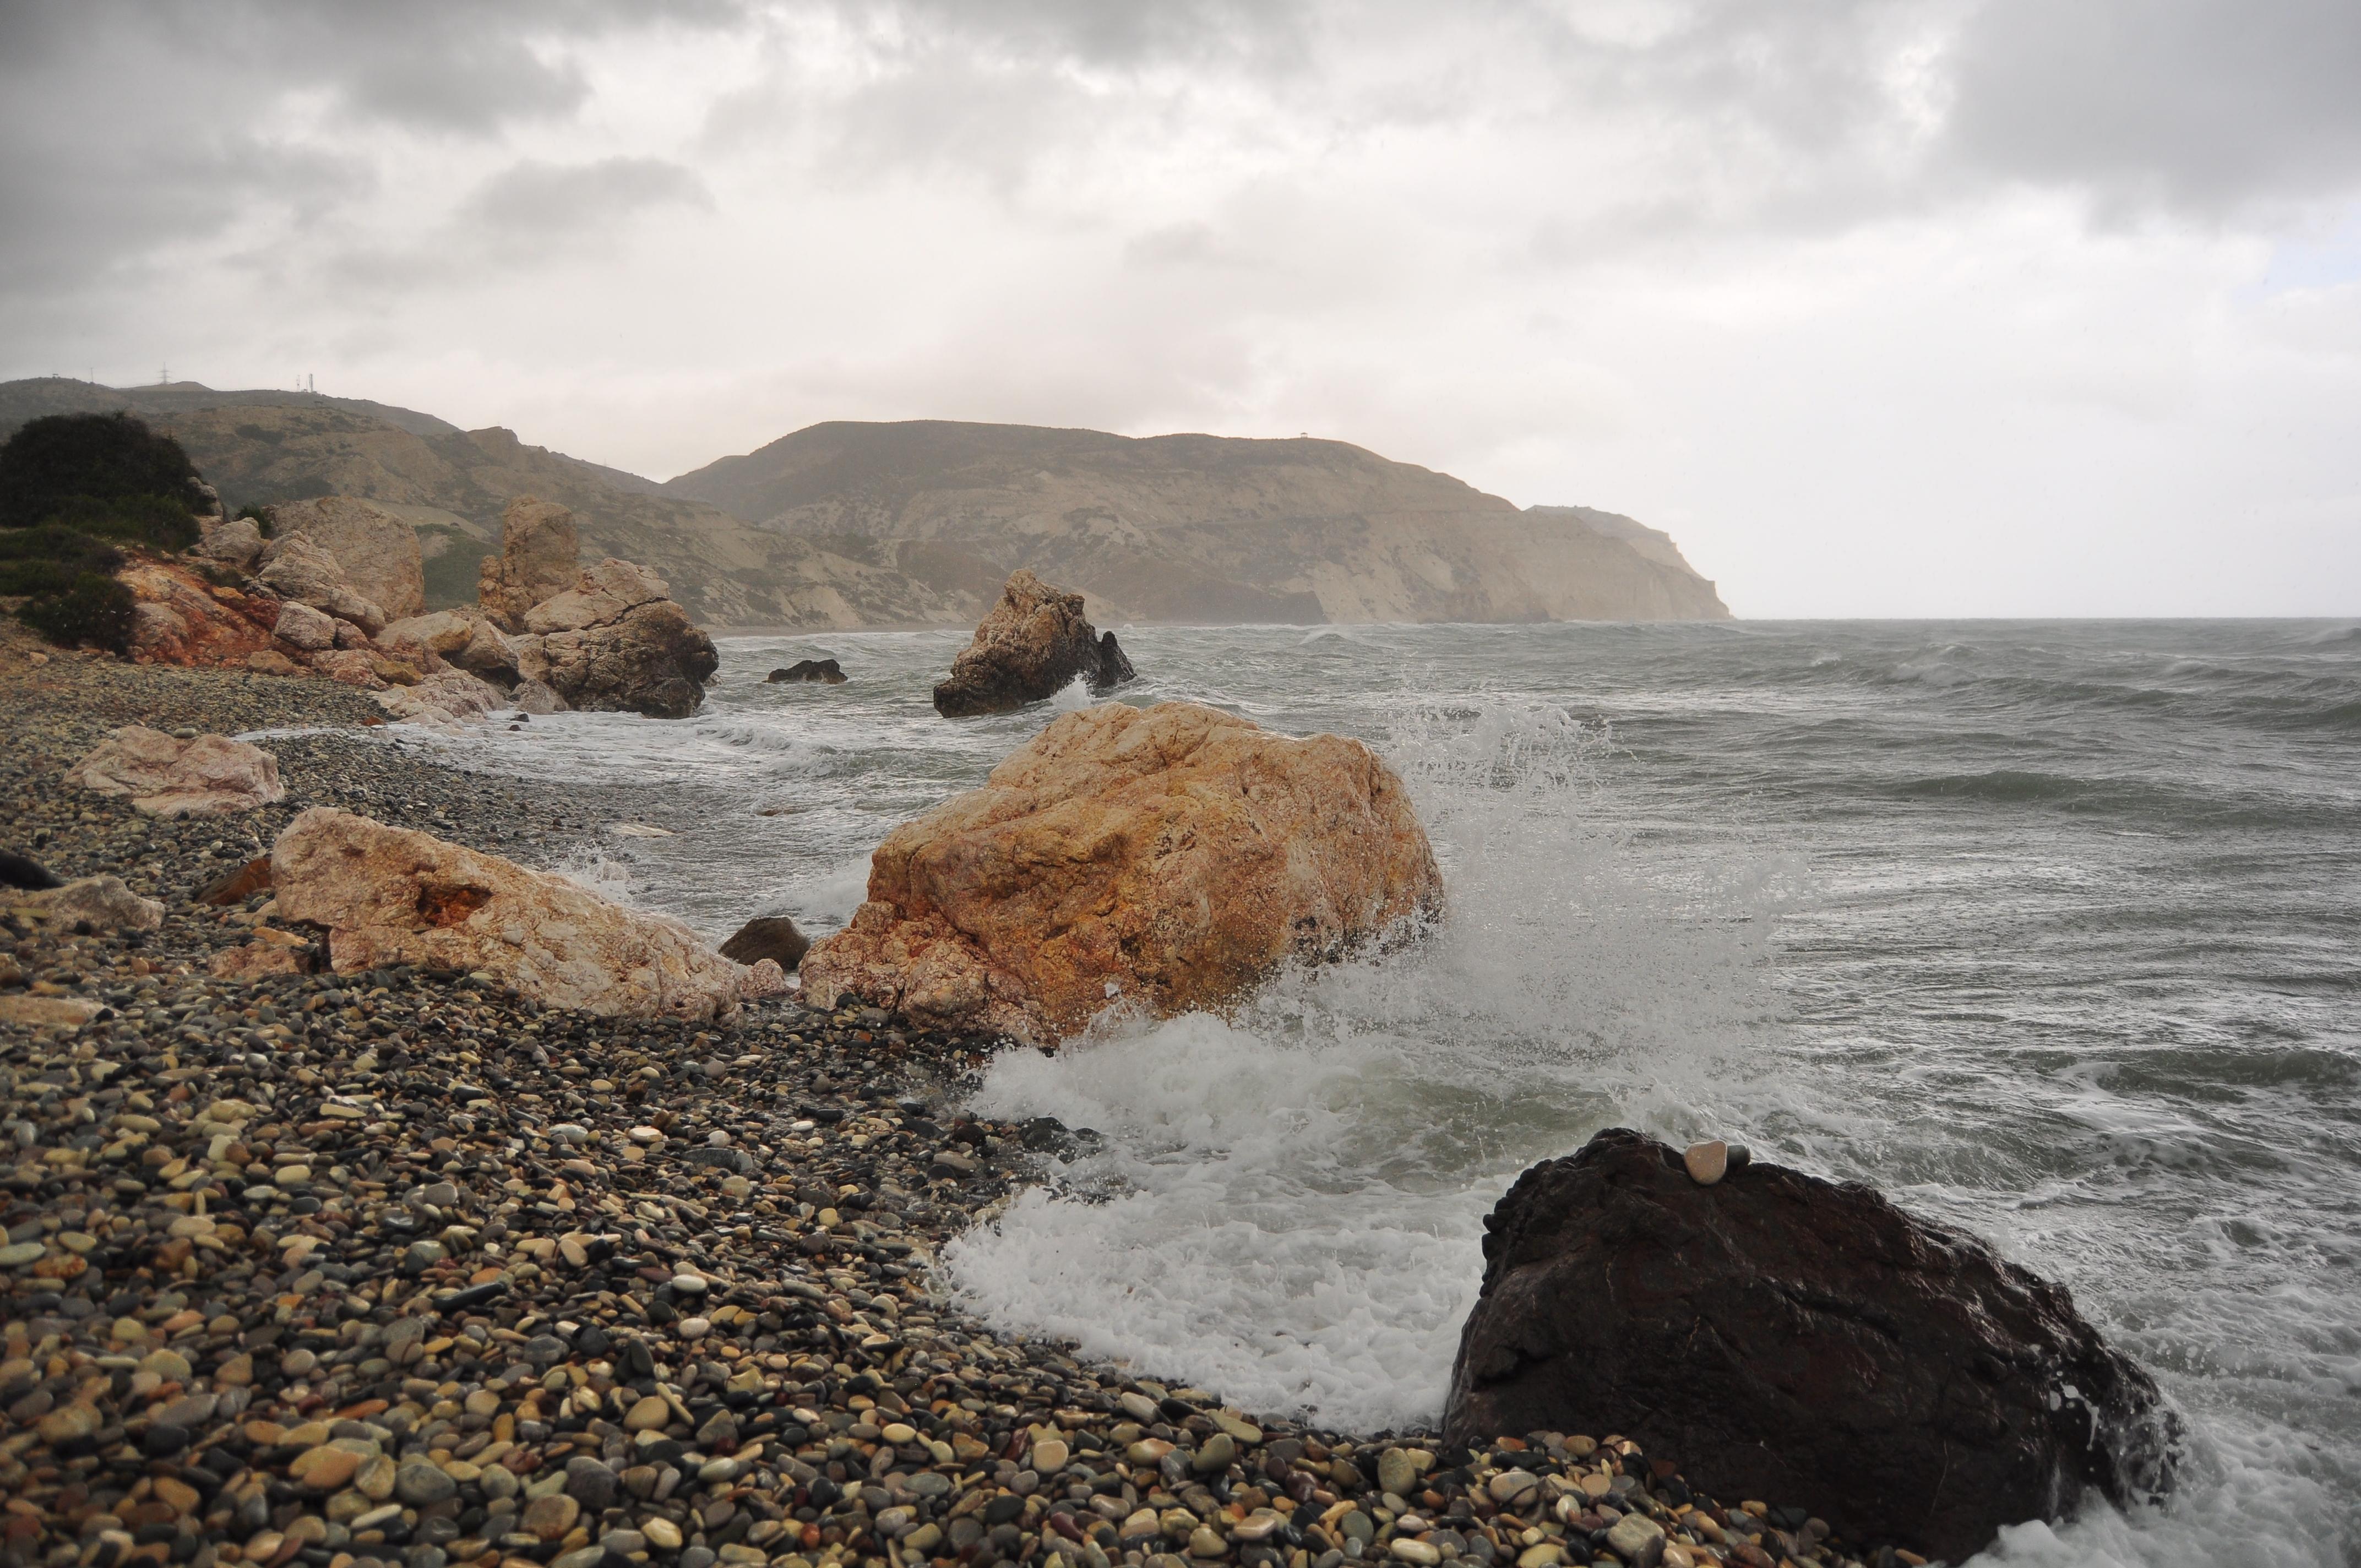 lângă Stanca Afroditei. Petra tou Romiou. Cipru